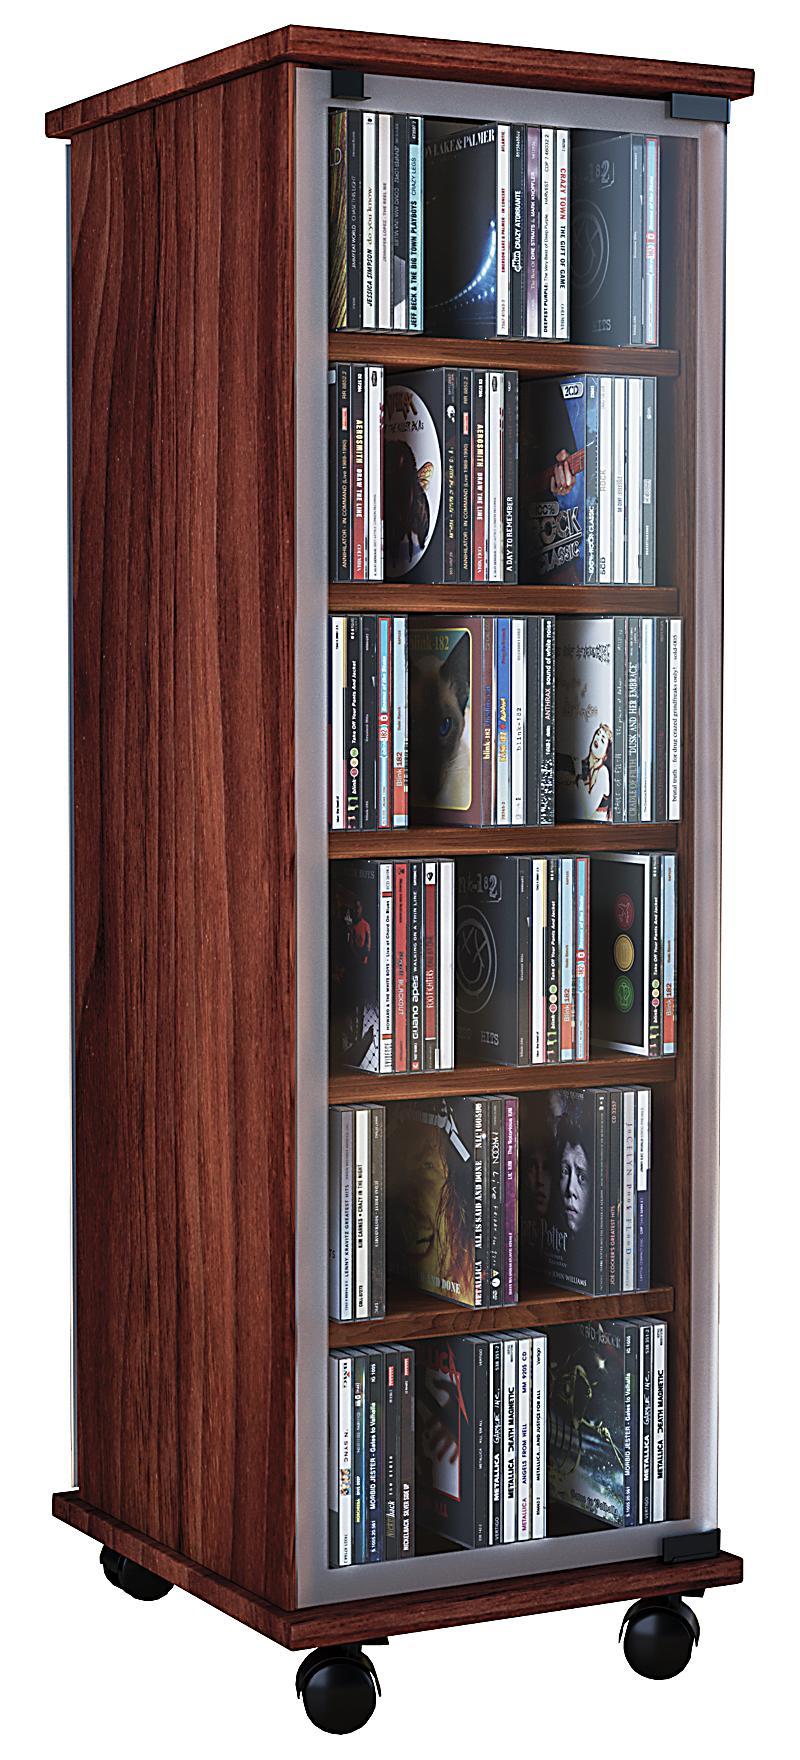 vcm cd dvd regal tower vitrine schrank mit rollen drehbar farbwahl valenza farbe kern nussbaum